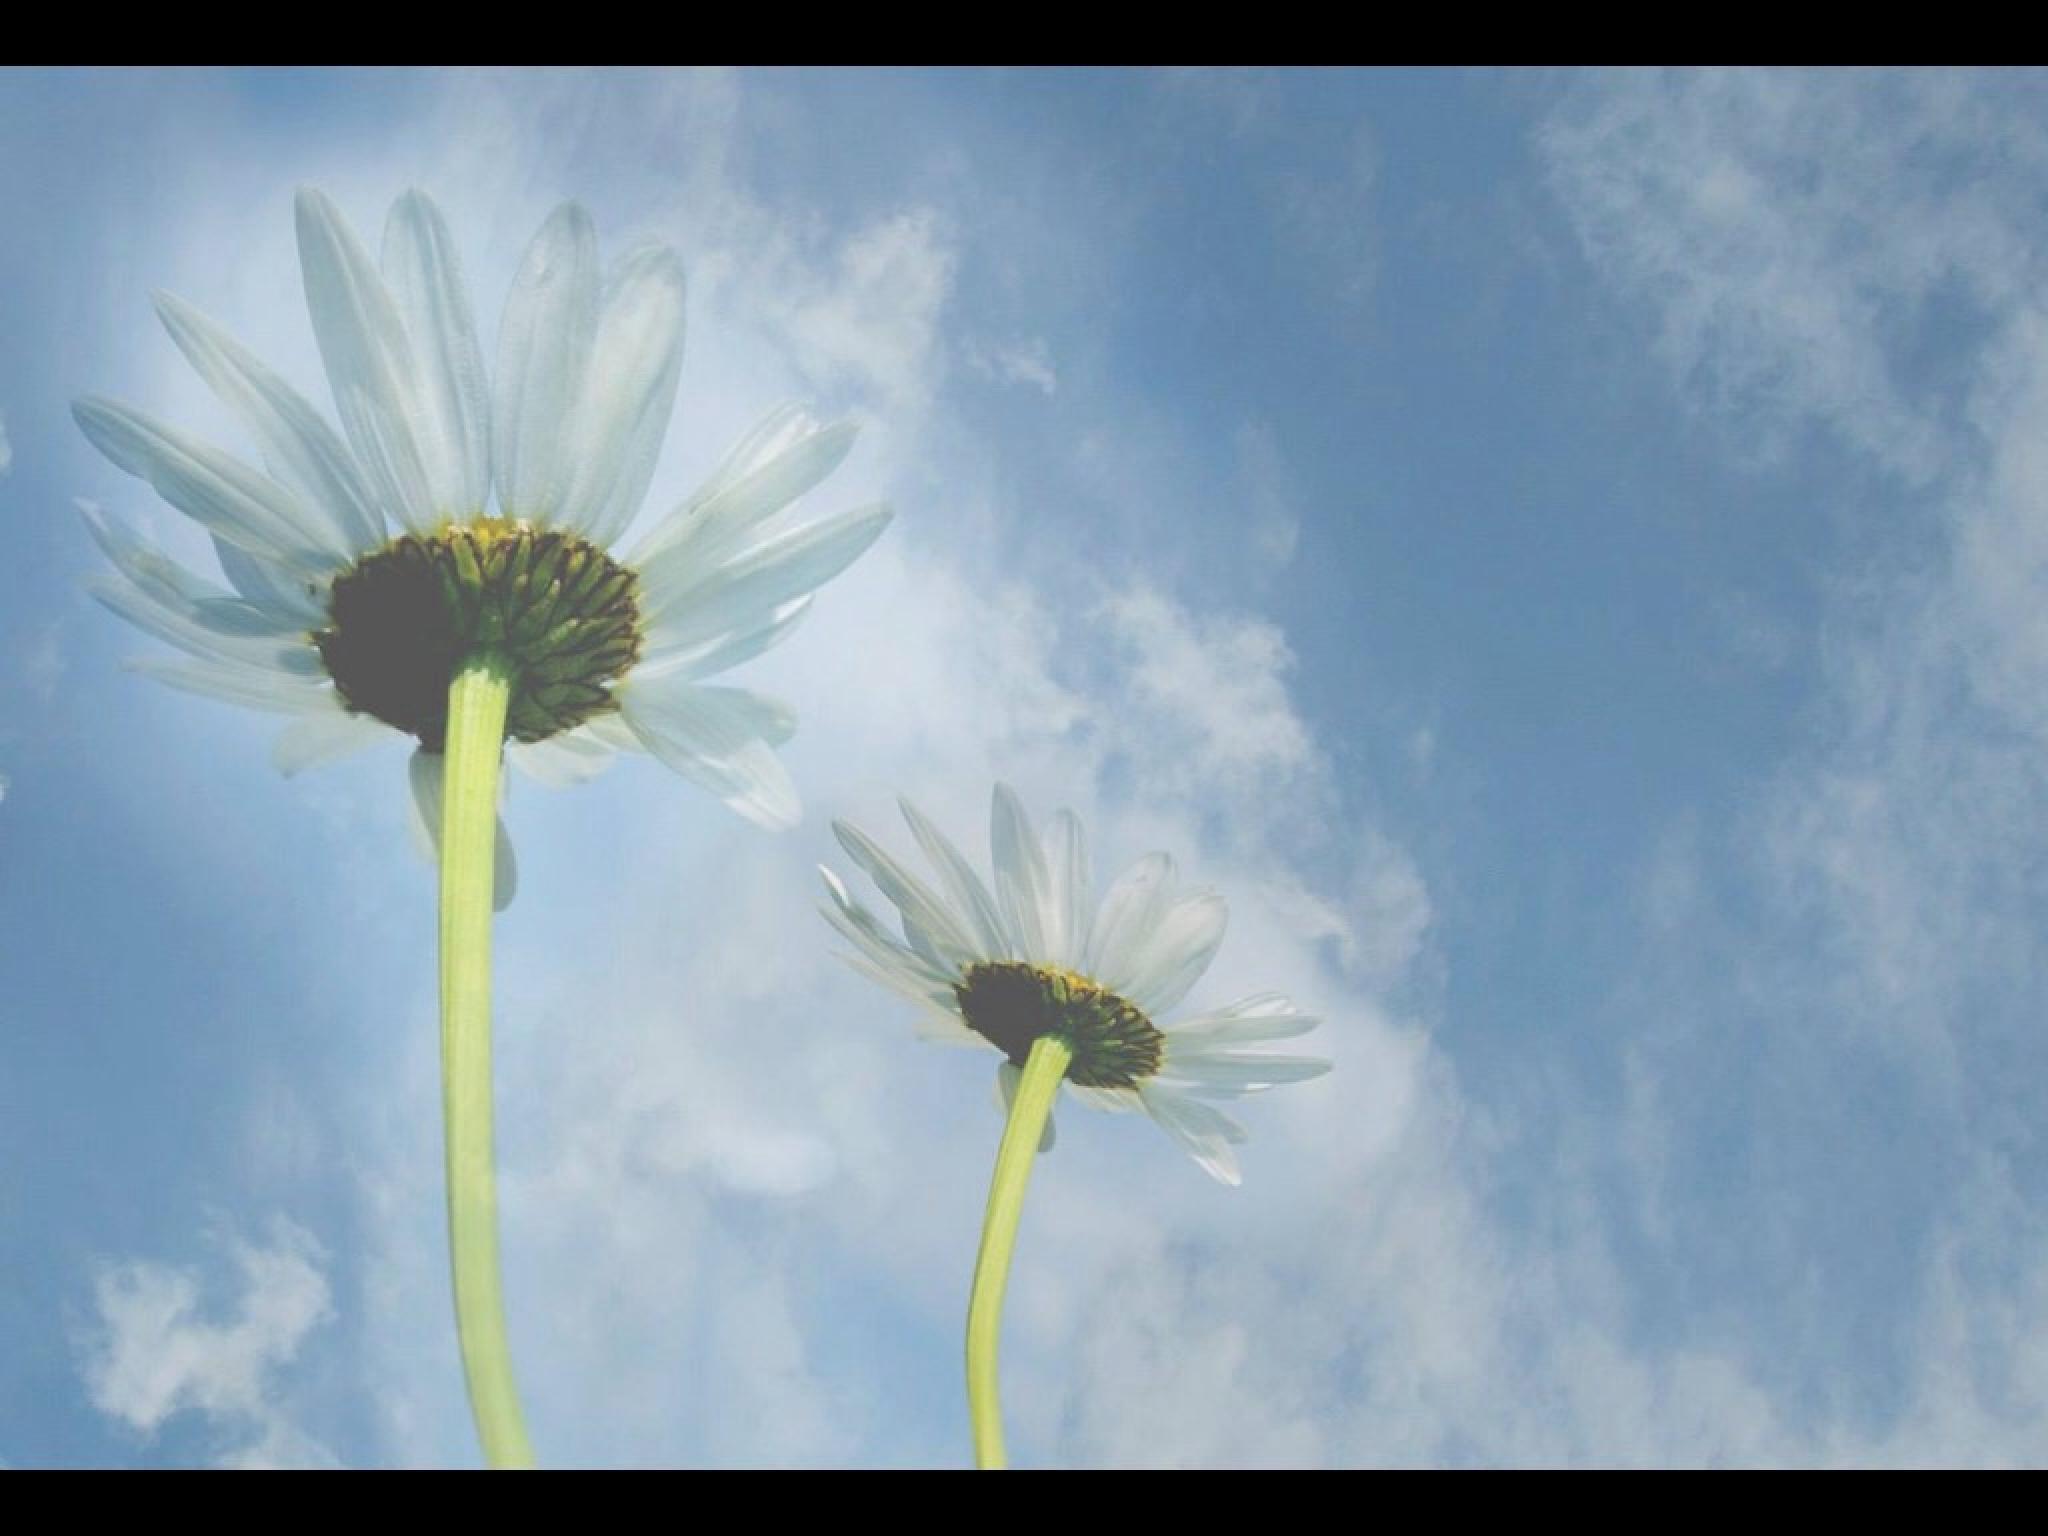 Daisy sky by Sheenama